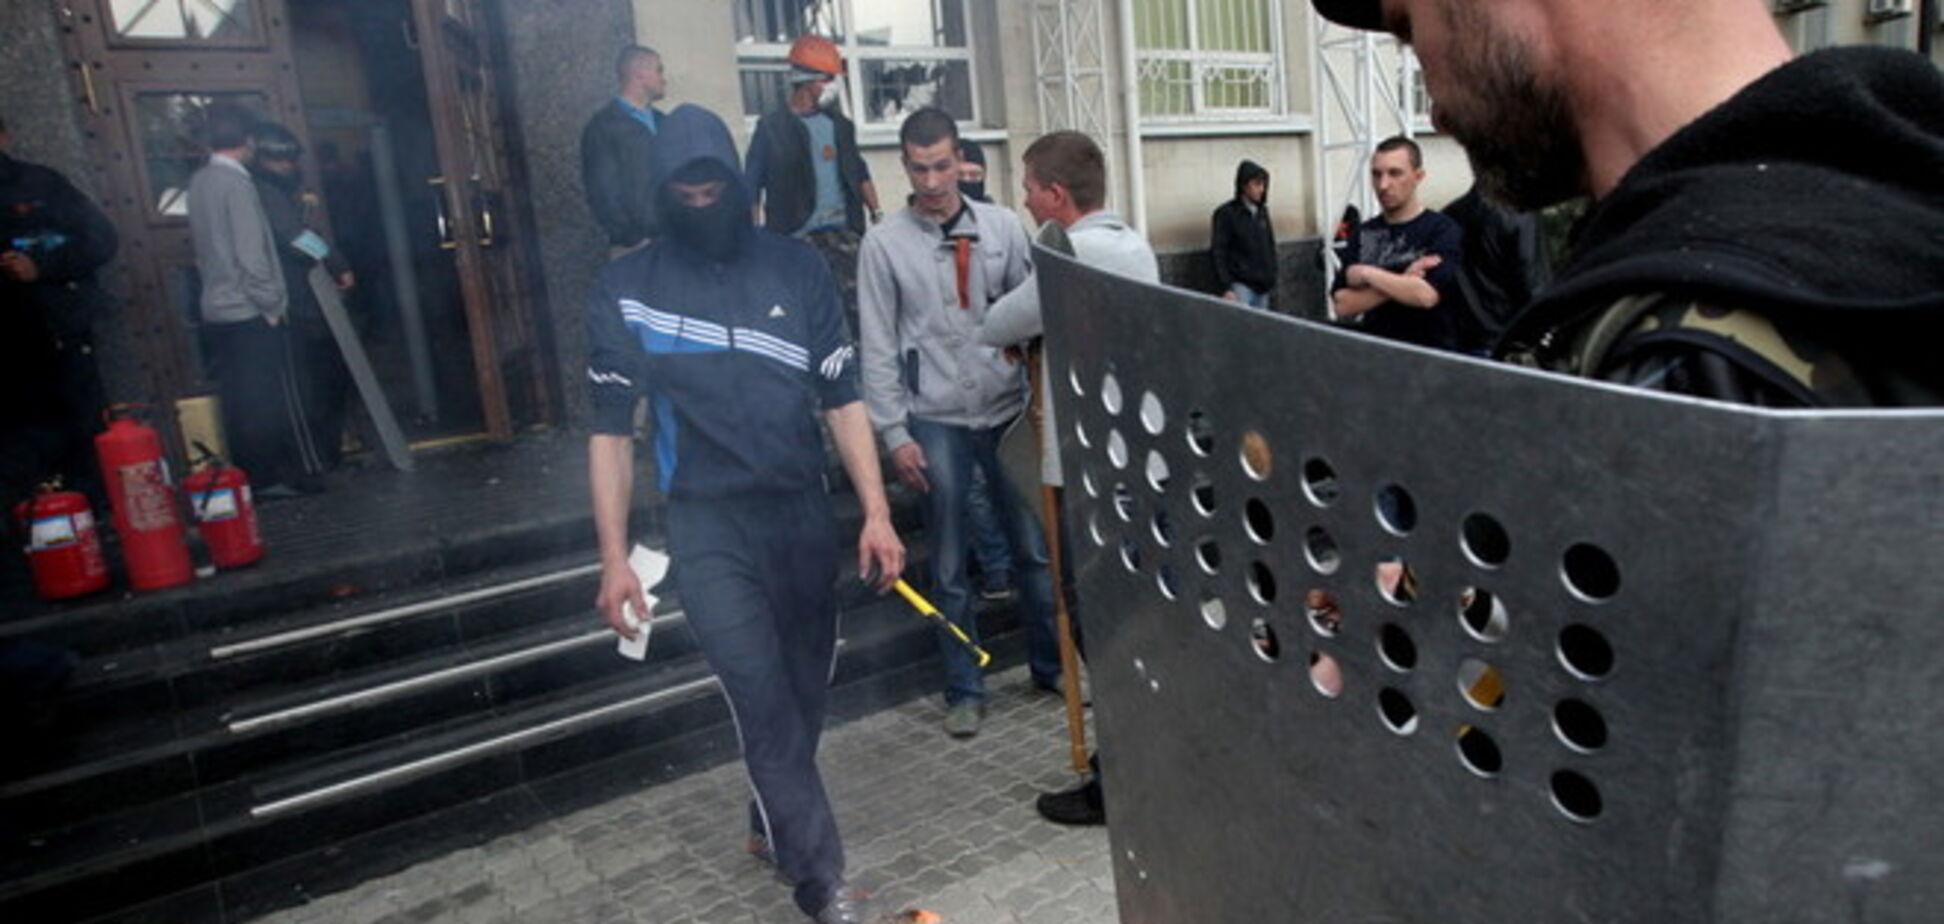 ГПУ предупреждает  о высокой угрозе провокаций на востоке Украины на майские праздники